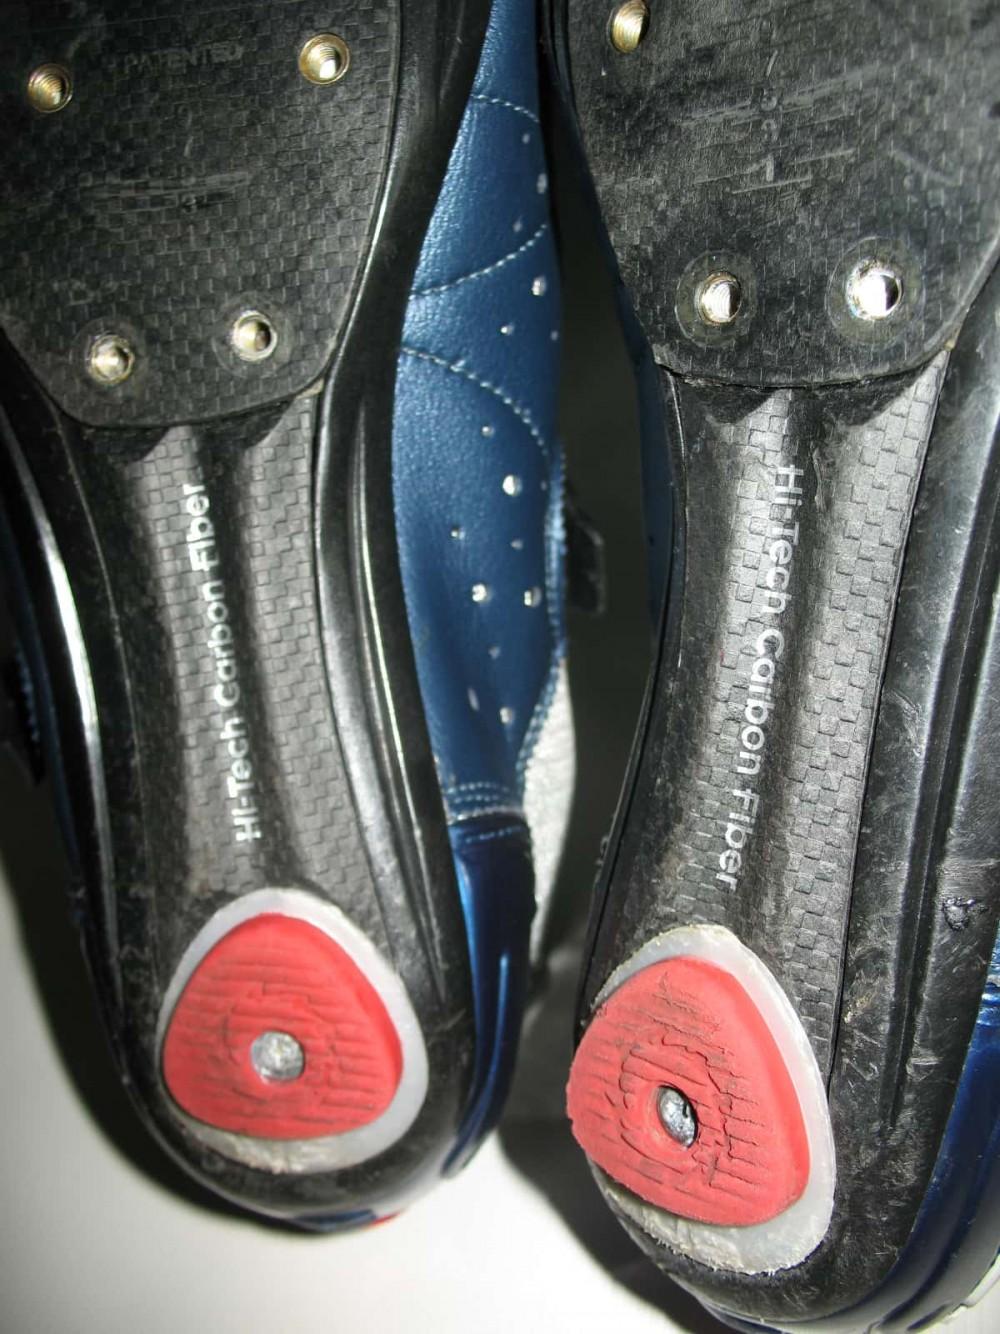 Велотуфли SIDI genius 5.5 carbon road shoes (размер EU42,5(на стопу 265mm)) - 6